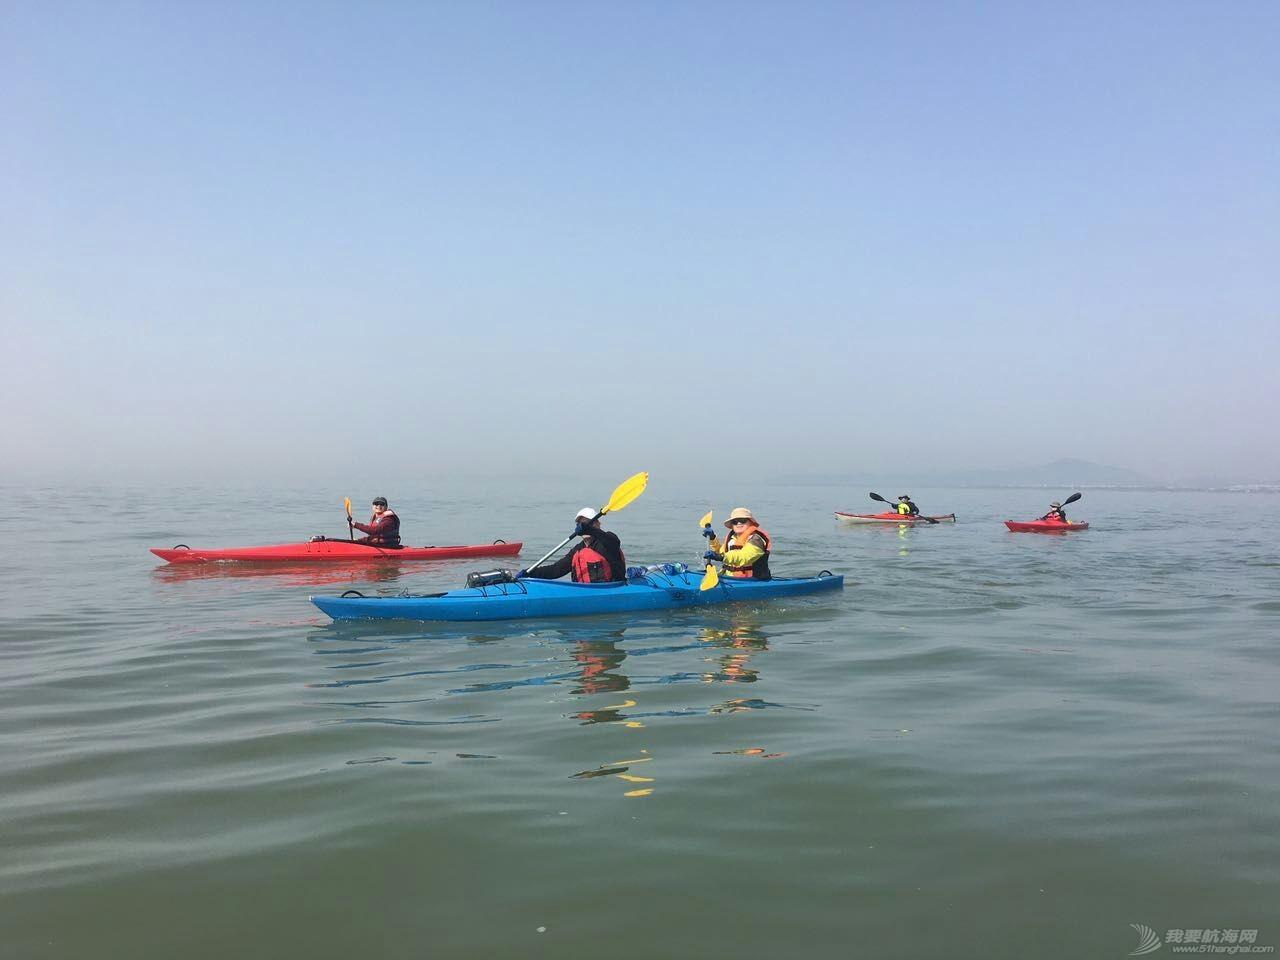 皮划艇,无锡,太湖 无锡君雅皮划艇22人同时穿越太湖贡湖湾 mmexport1456571670980.jpg